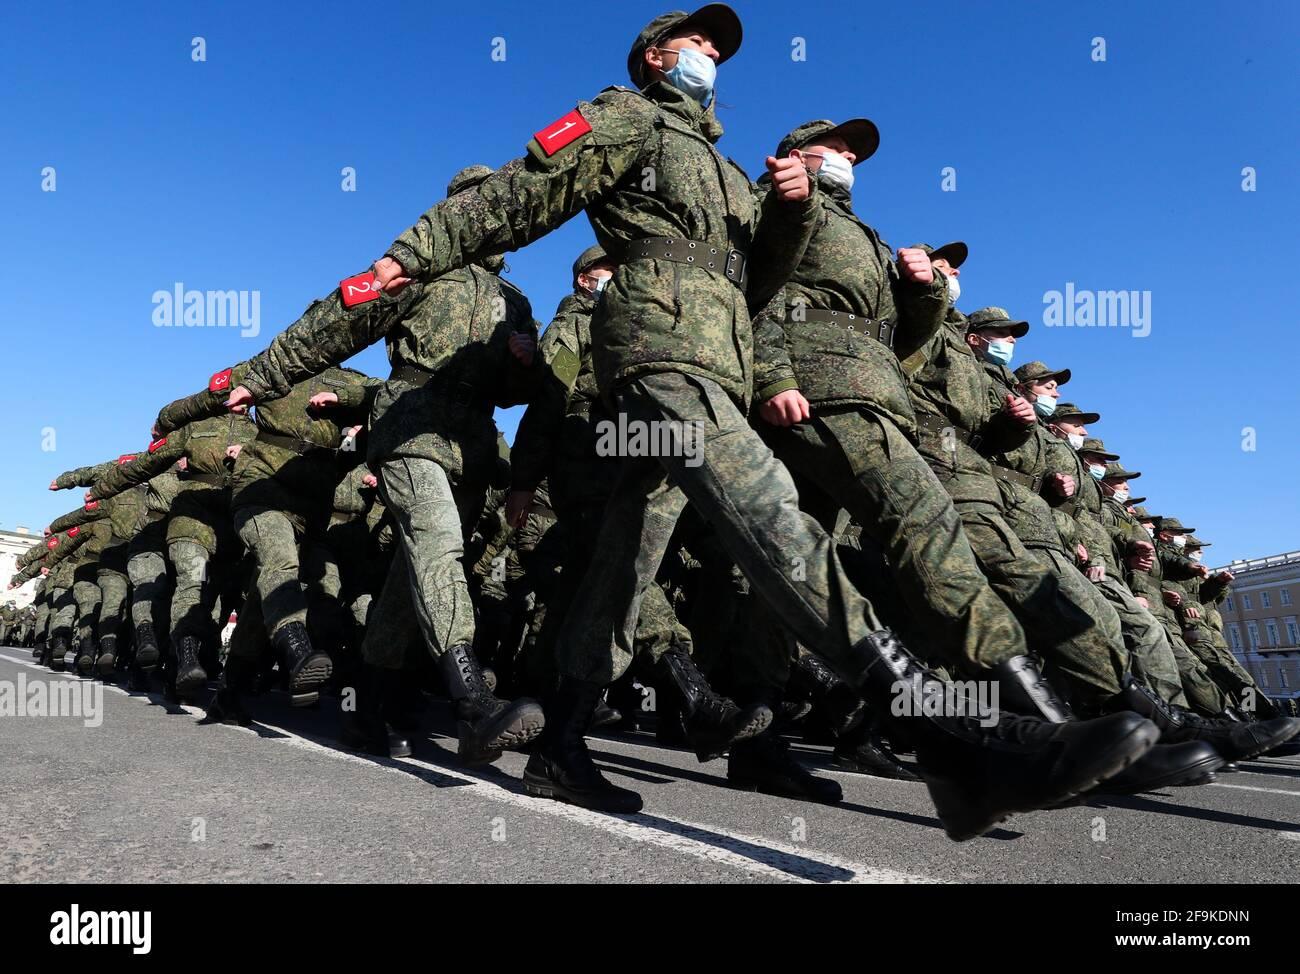 San Pietroburgo, Russia. 19 Apr 2021. I militari marciano in formazione durante una prova per una parata militare del giorno della Vittoria che segna il 76° anniversario della vittoria sulla Germania nazista nella seconda guerra mondiale, in Piazza del Palazzo. Credit: Peter Kovalev/TASS/Alamy Live News Foto Stock